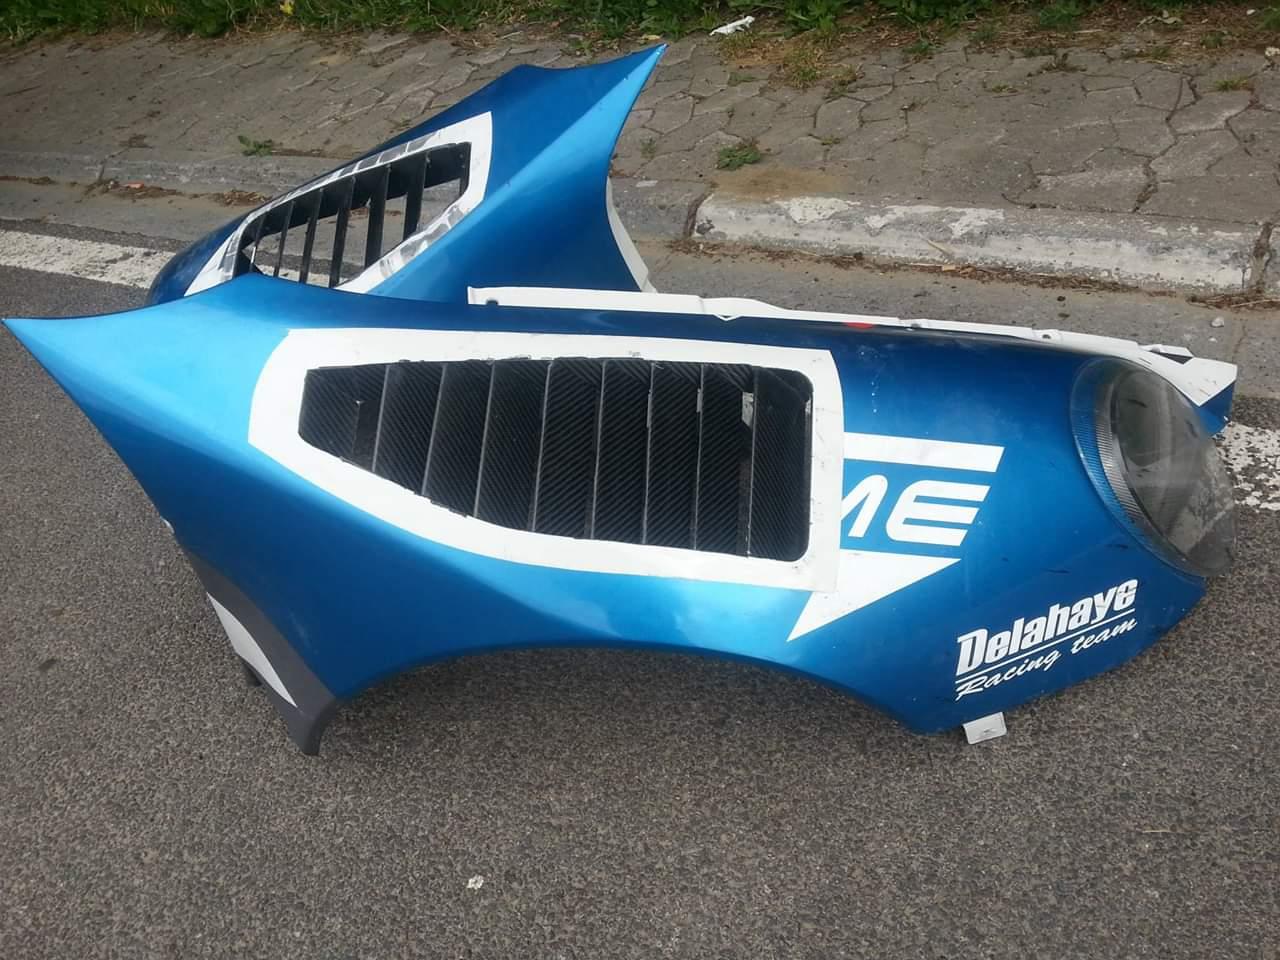 Réparation carbone Belgique Porsche 997 GT3 poly concept Composites aile avant (8)